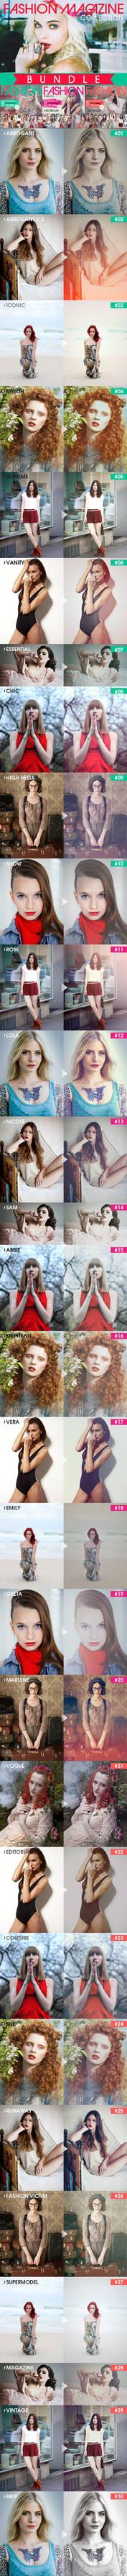 Fashion Magazine Actions -BUNDLE-